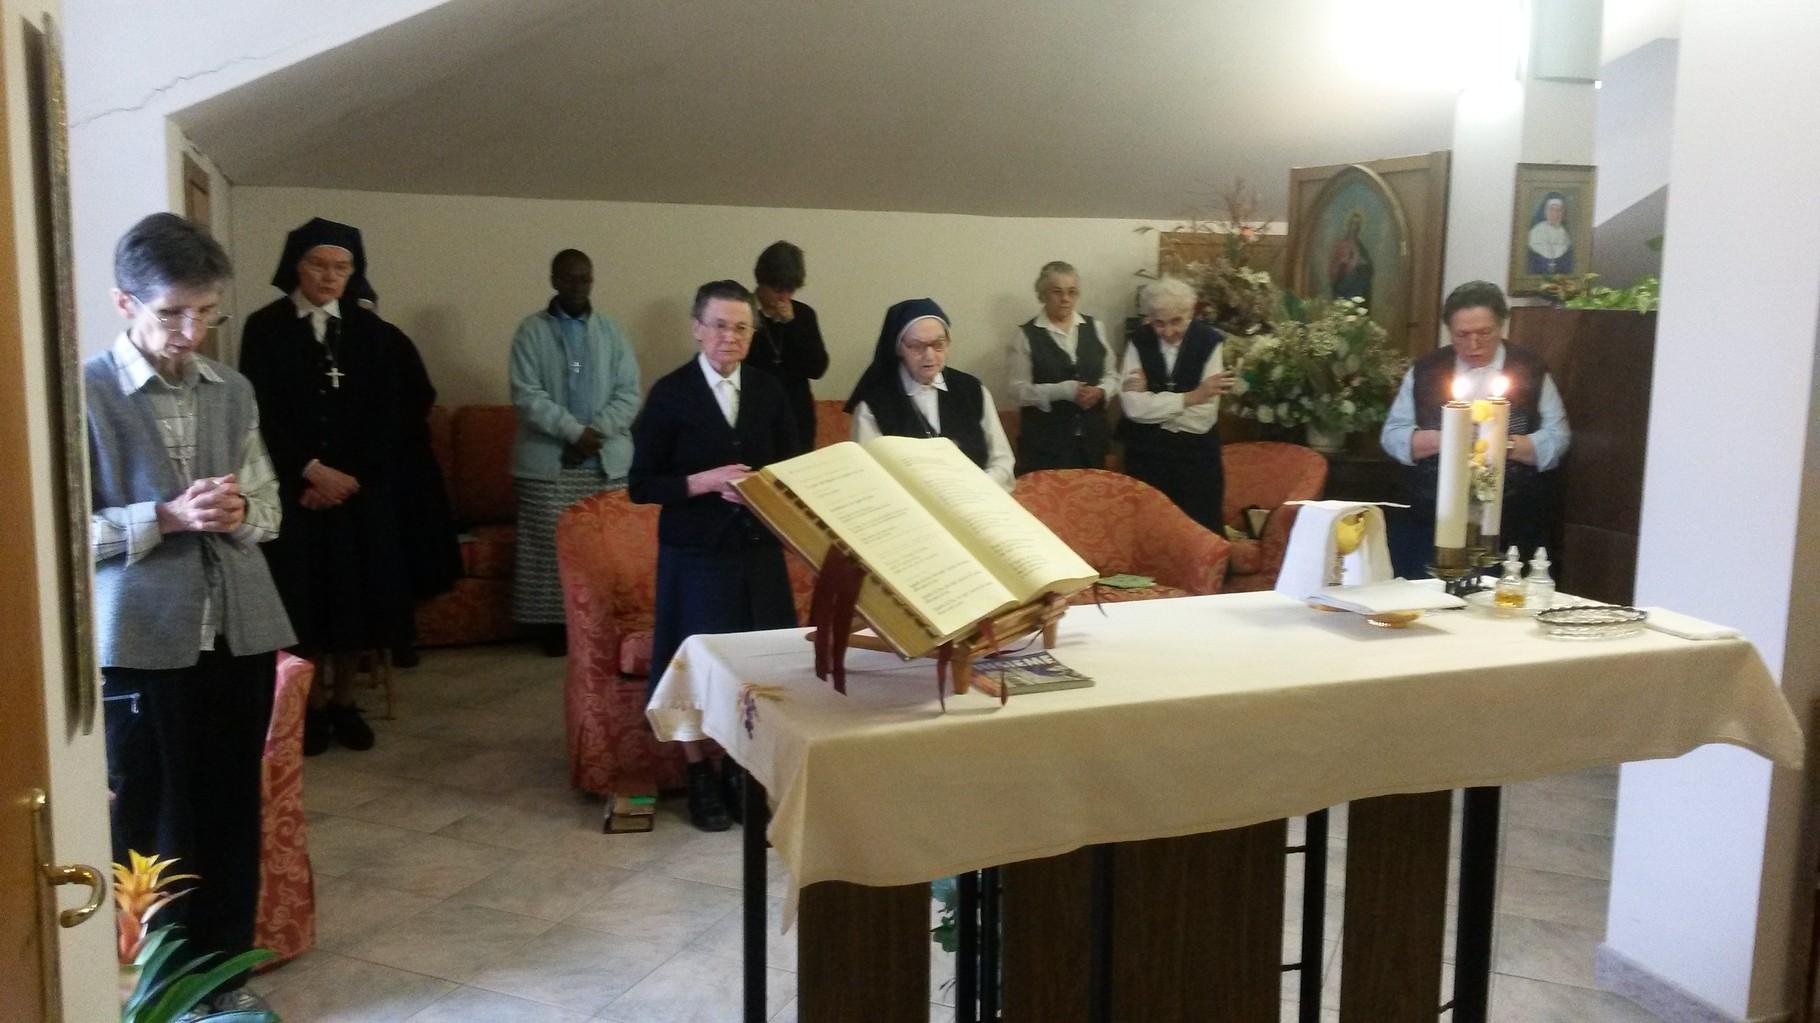 Messe communautaire